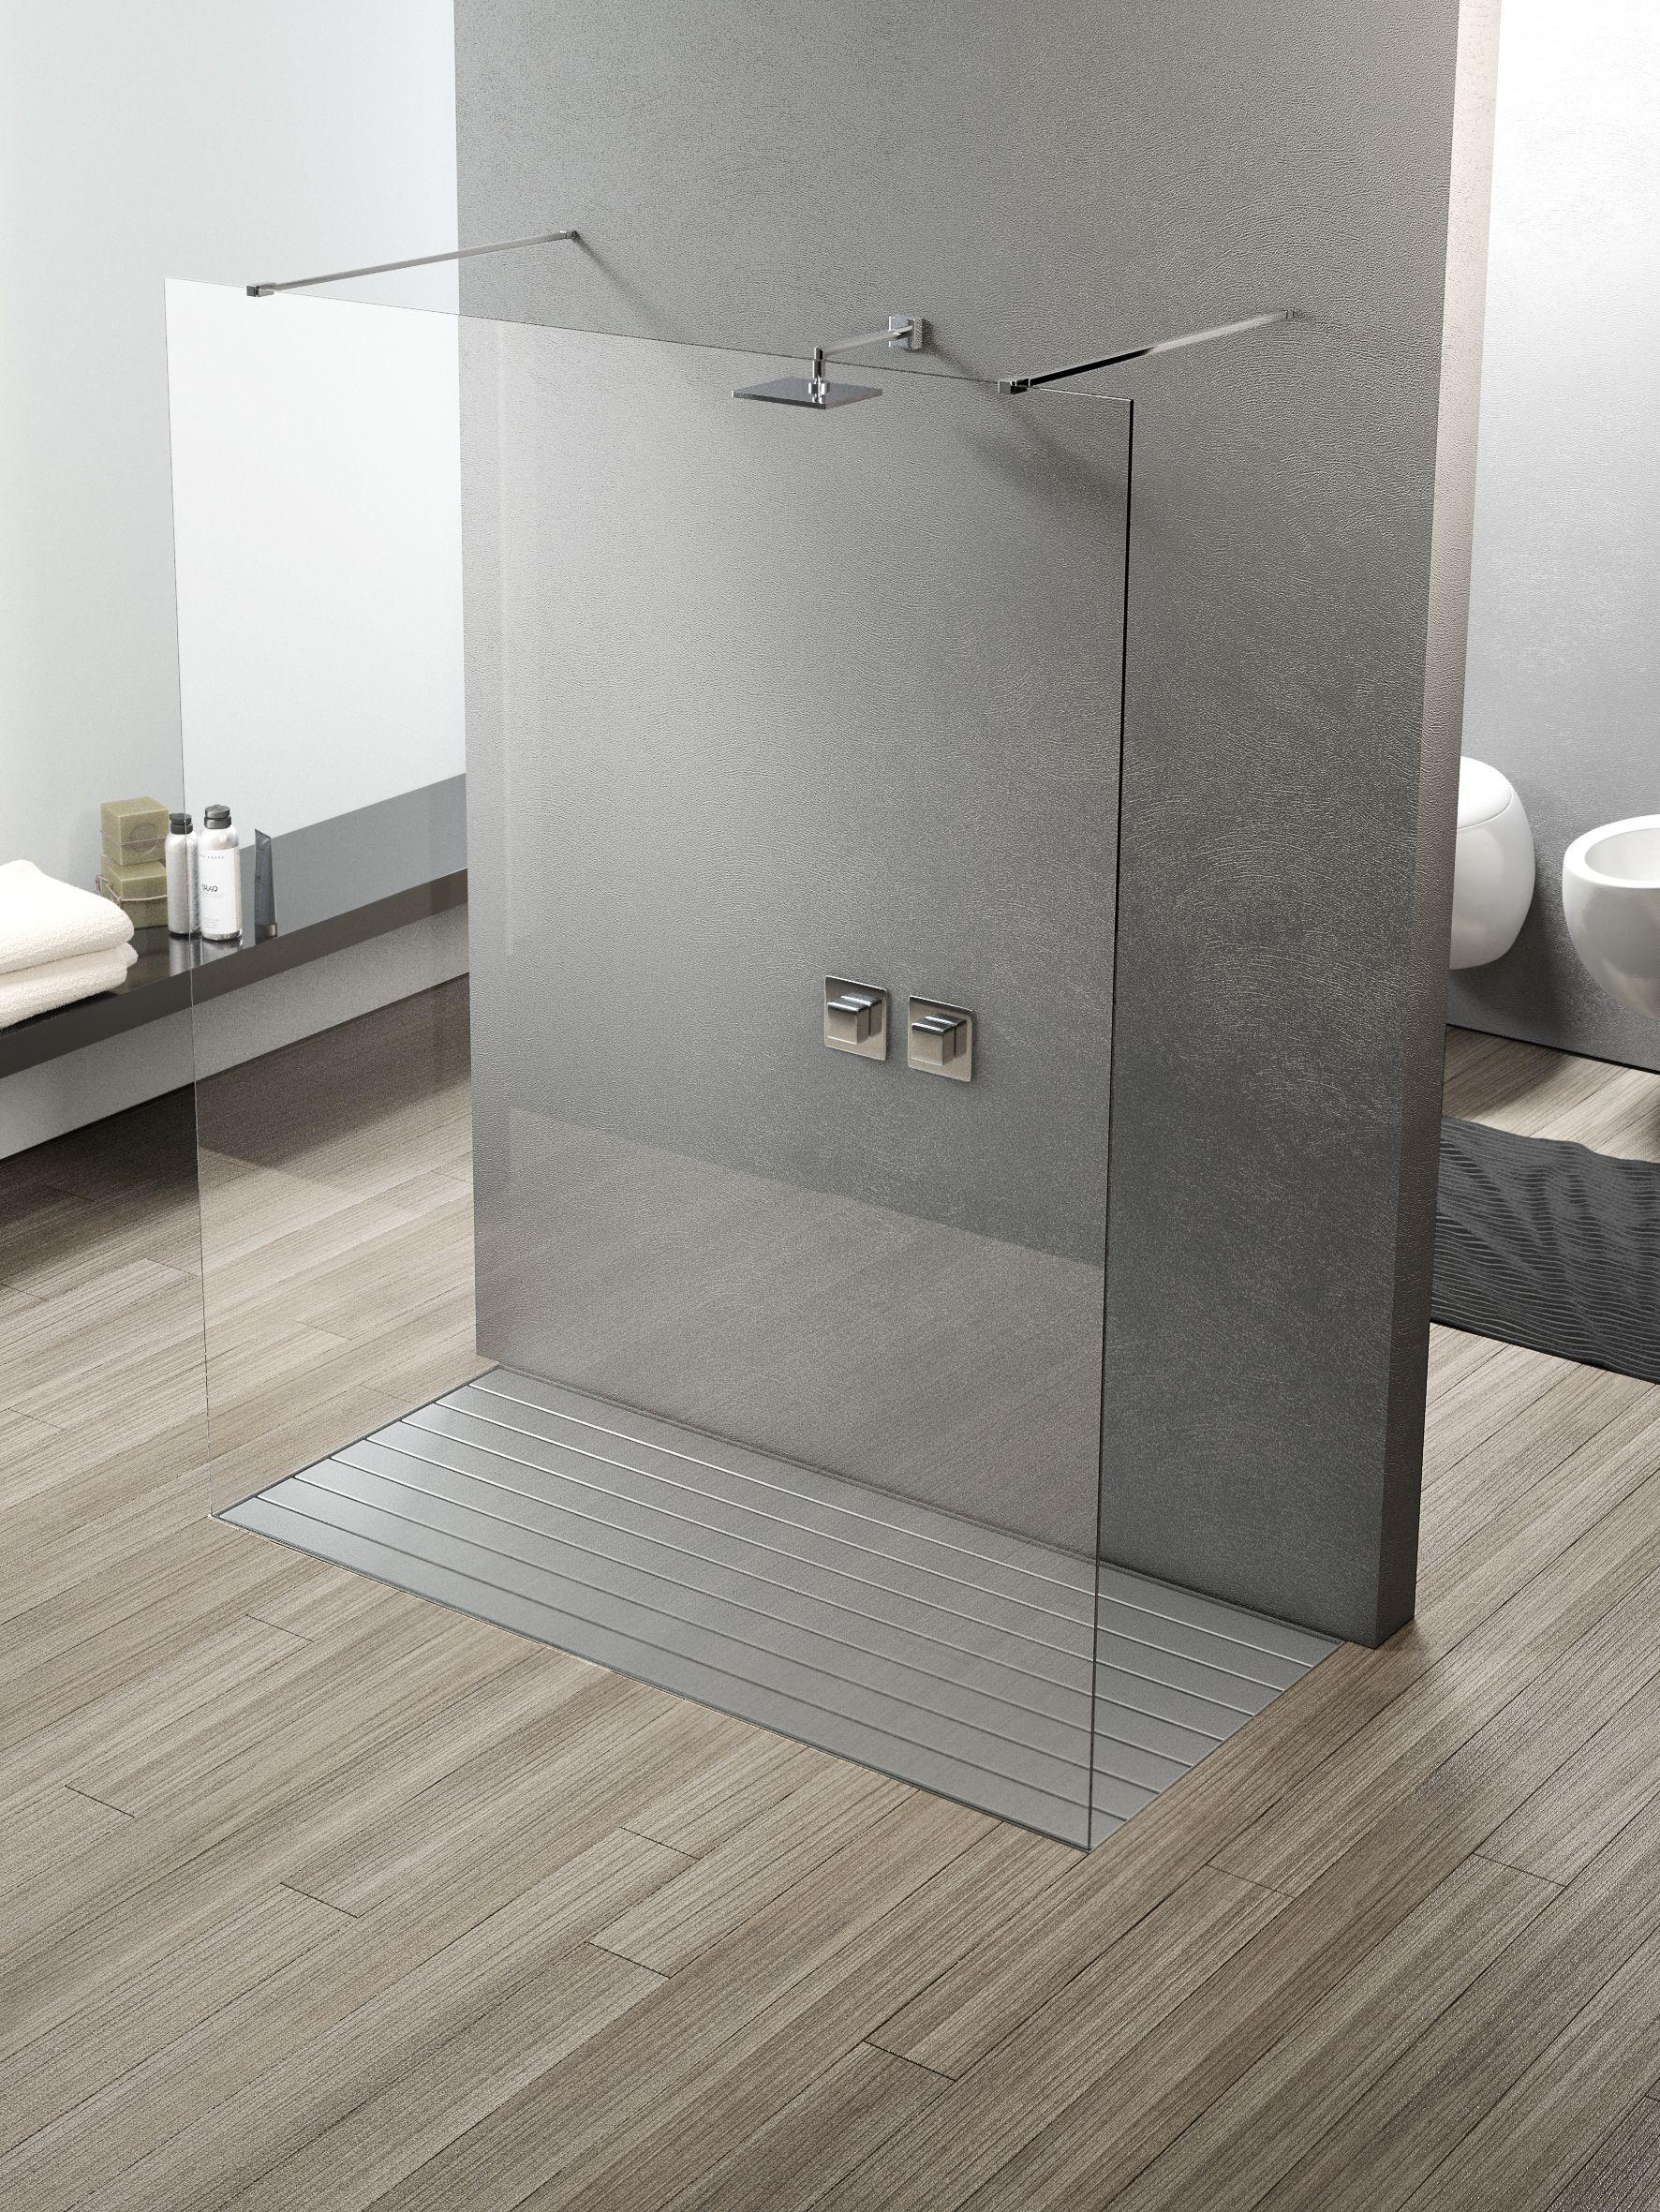 Piatti doccia rivestibili di alta qualit in acciaio inox integrato senza silicone moderno - Idee box doccia ...